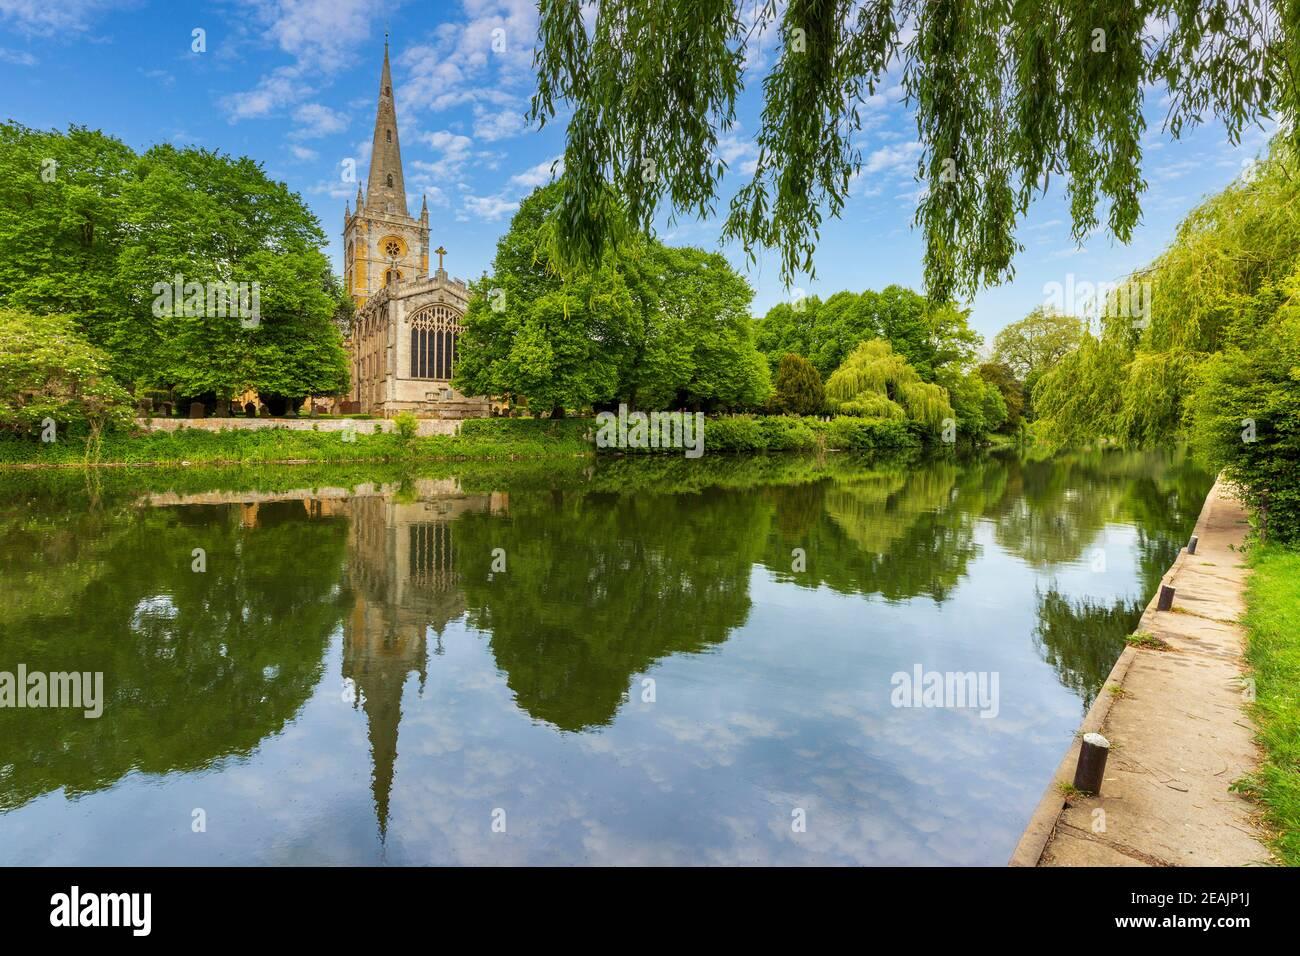 Église de la Sainte-Trinité reflétée dans la rivière Avon à Stratford-upon-Avon, en Angleterre Banque D'Images